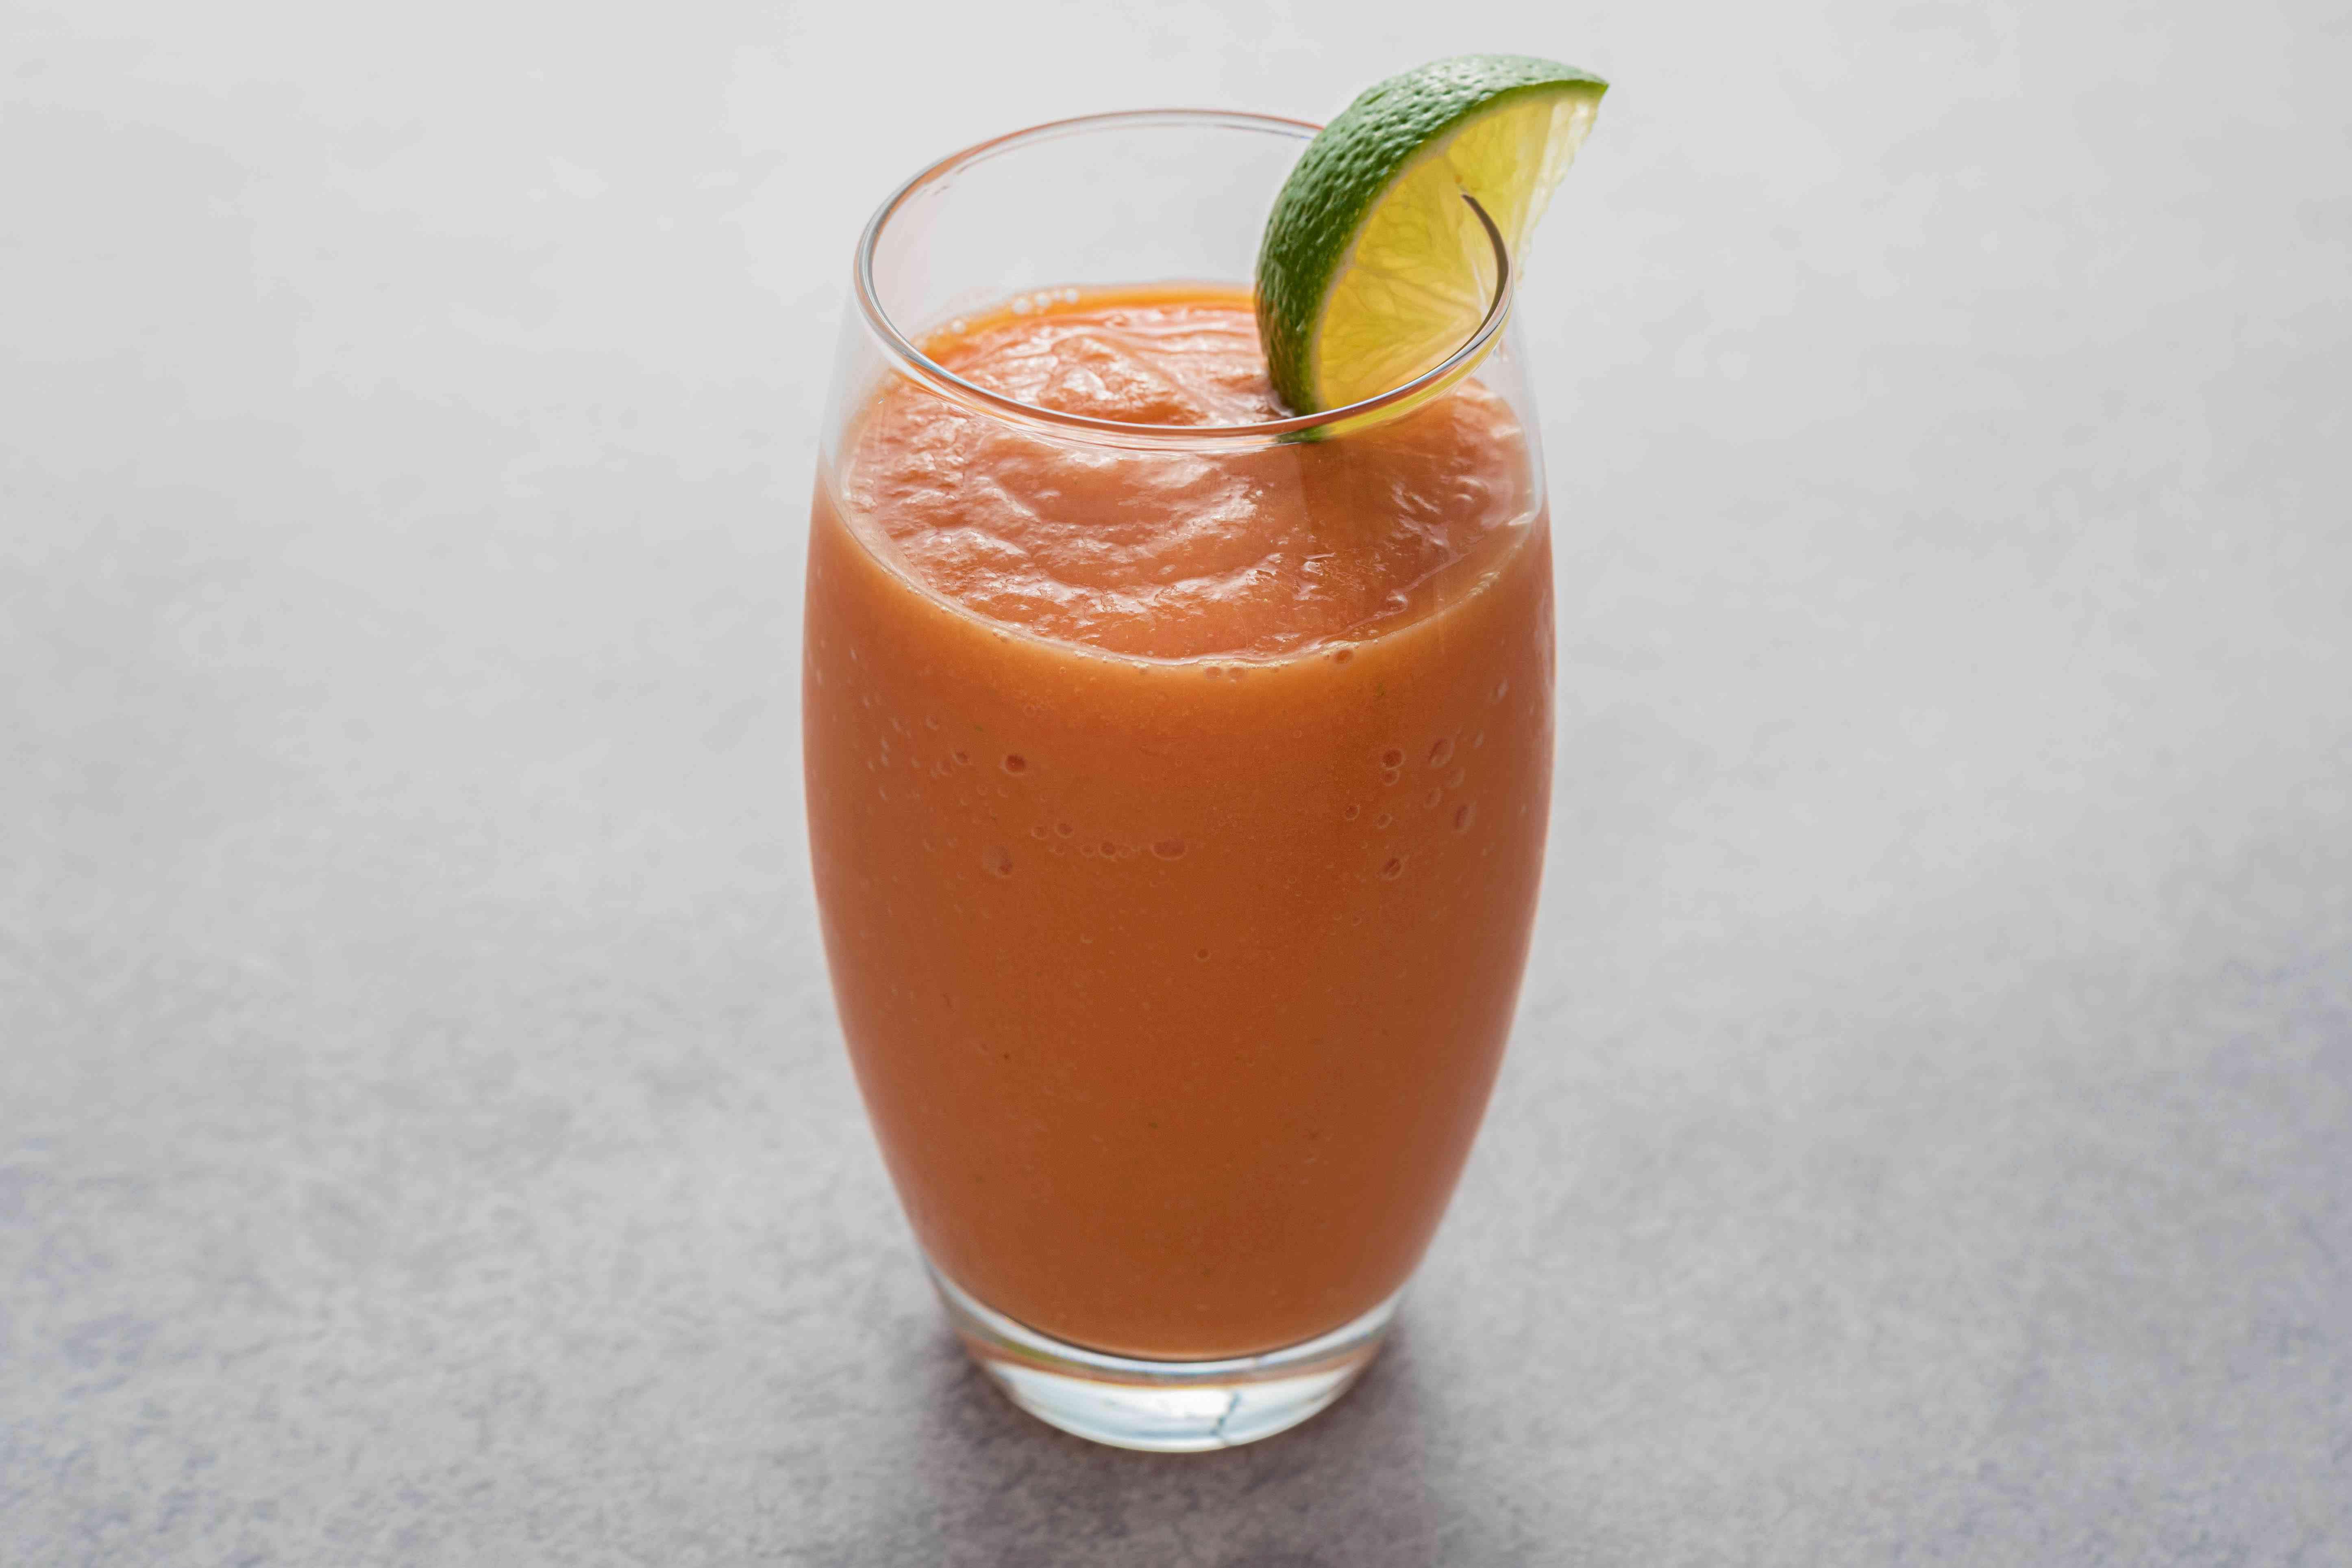 Papaya Smoothie (Batida de Lechosa) in a glass